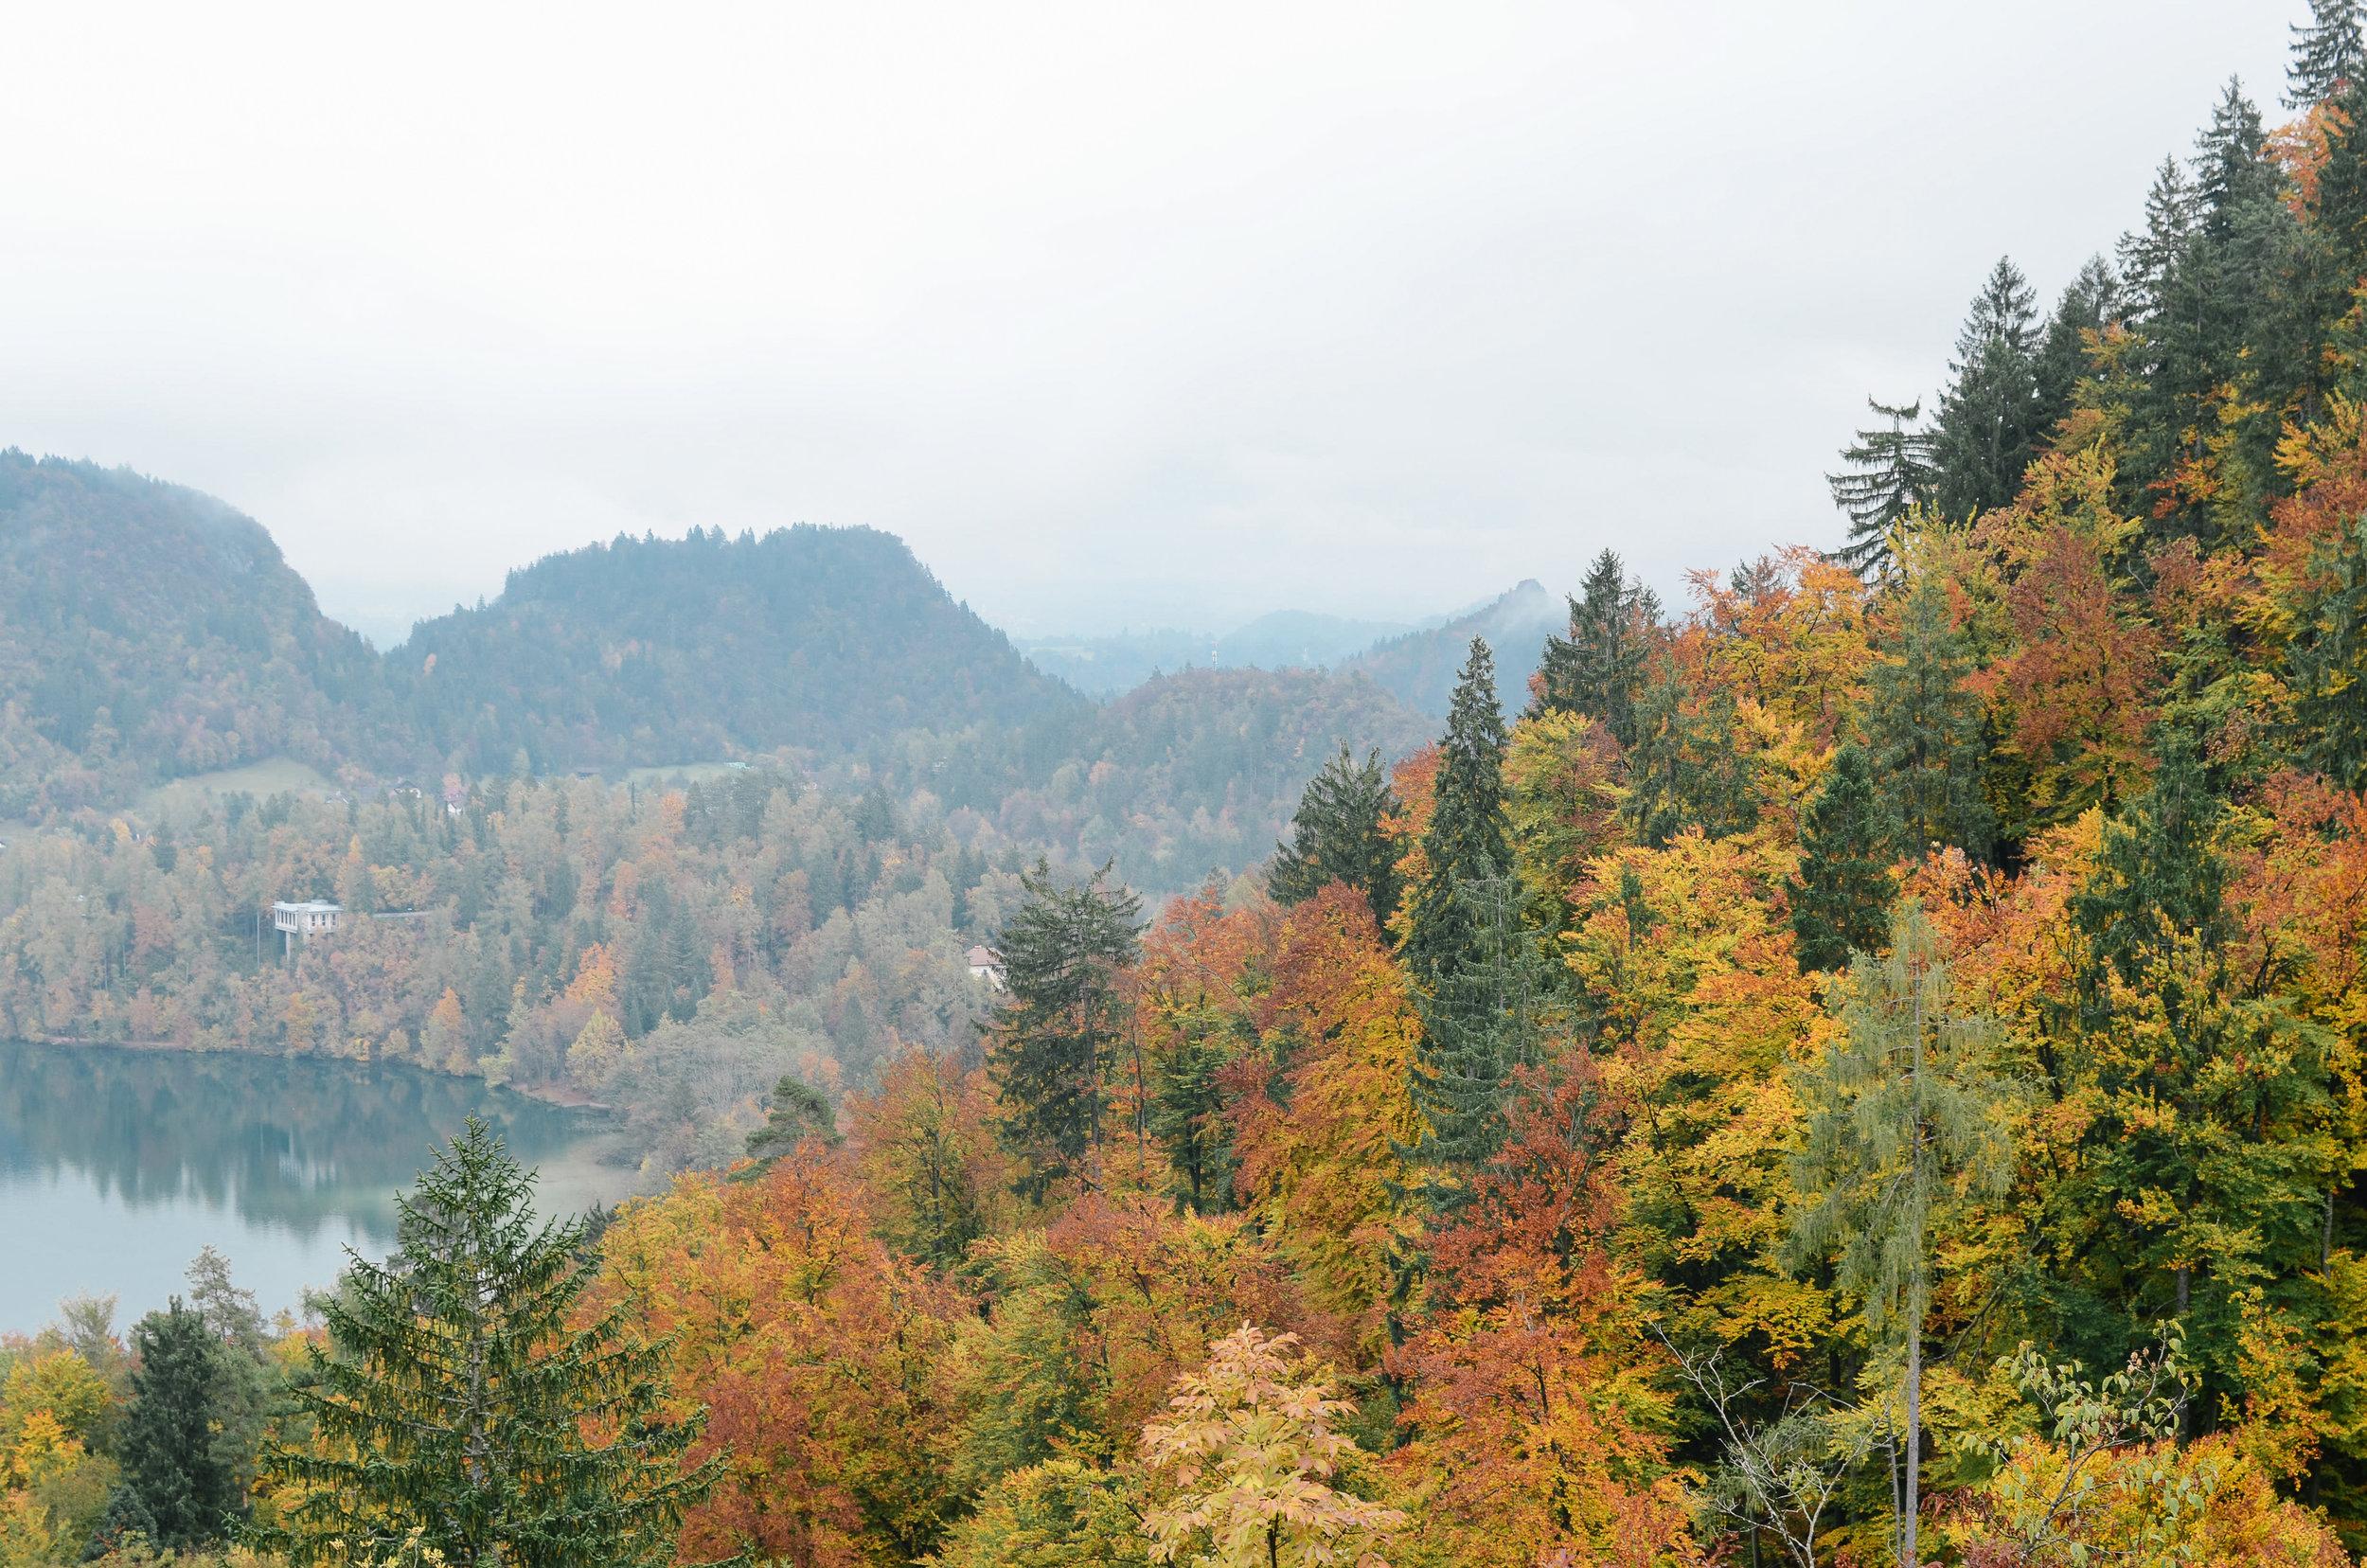 lake-bled-slovenia-travel-guide-lifeonpine_DSC_1525.jpg